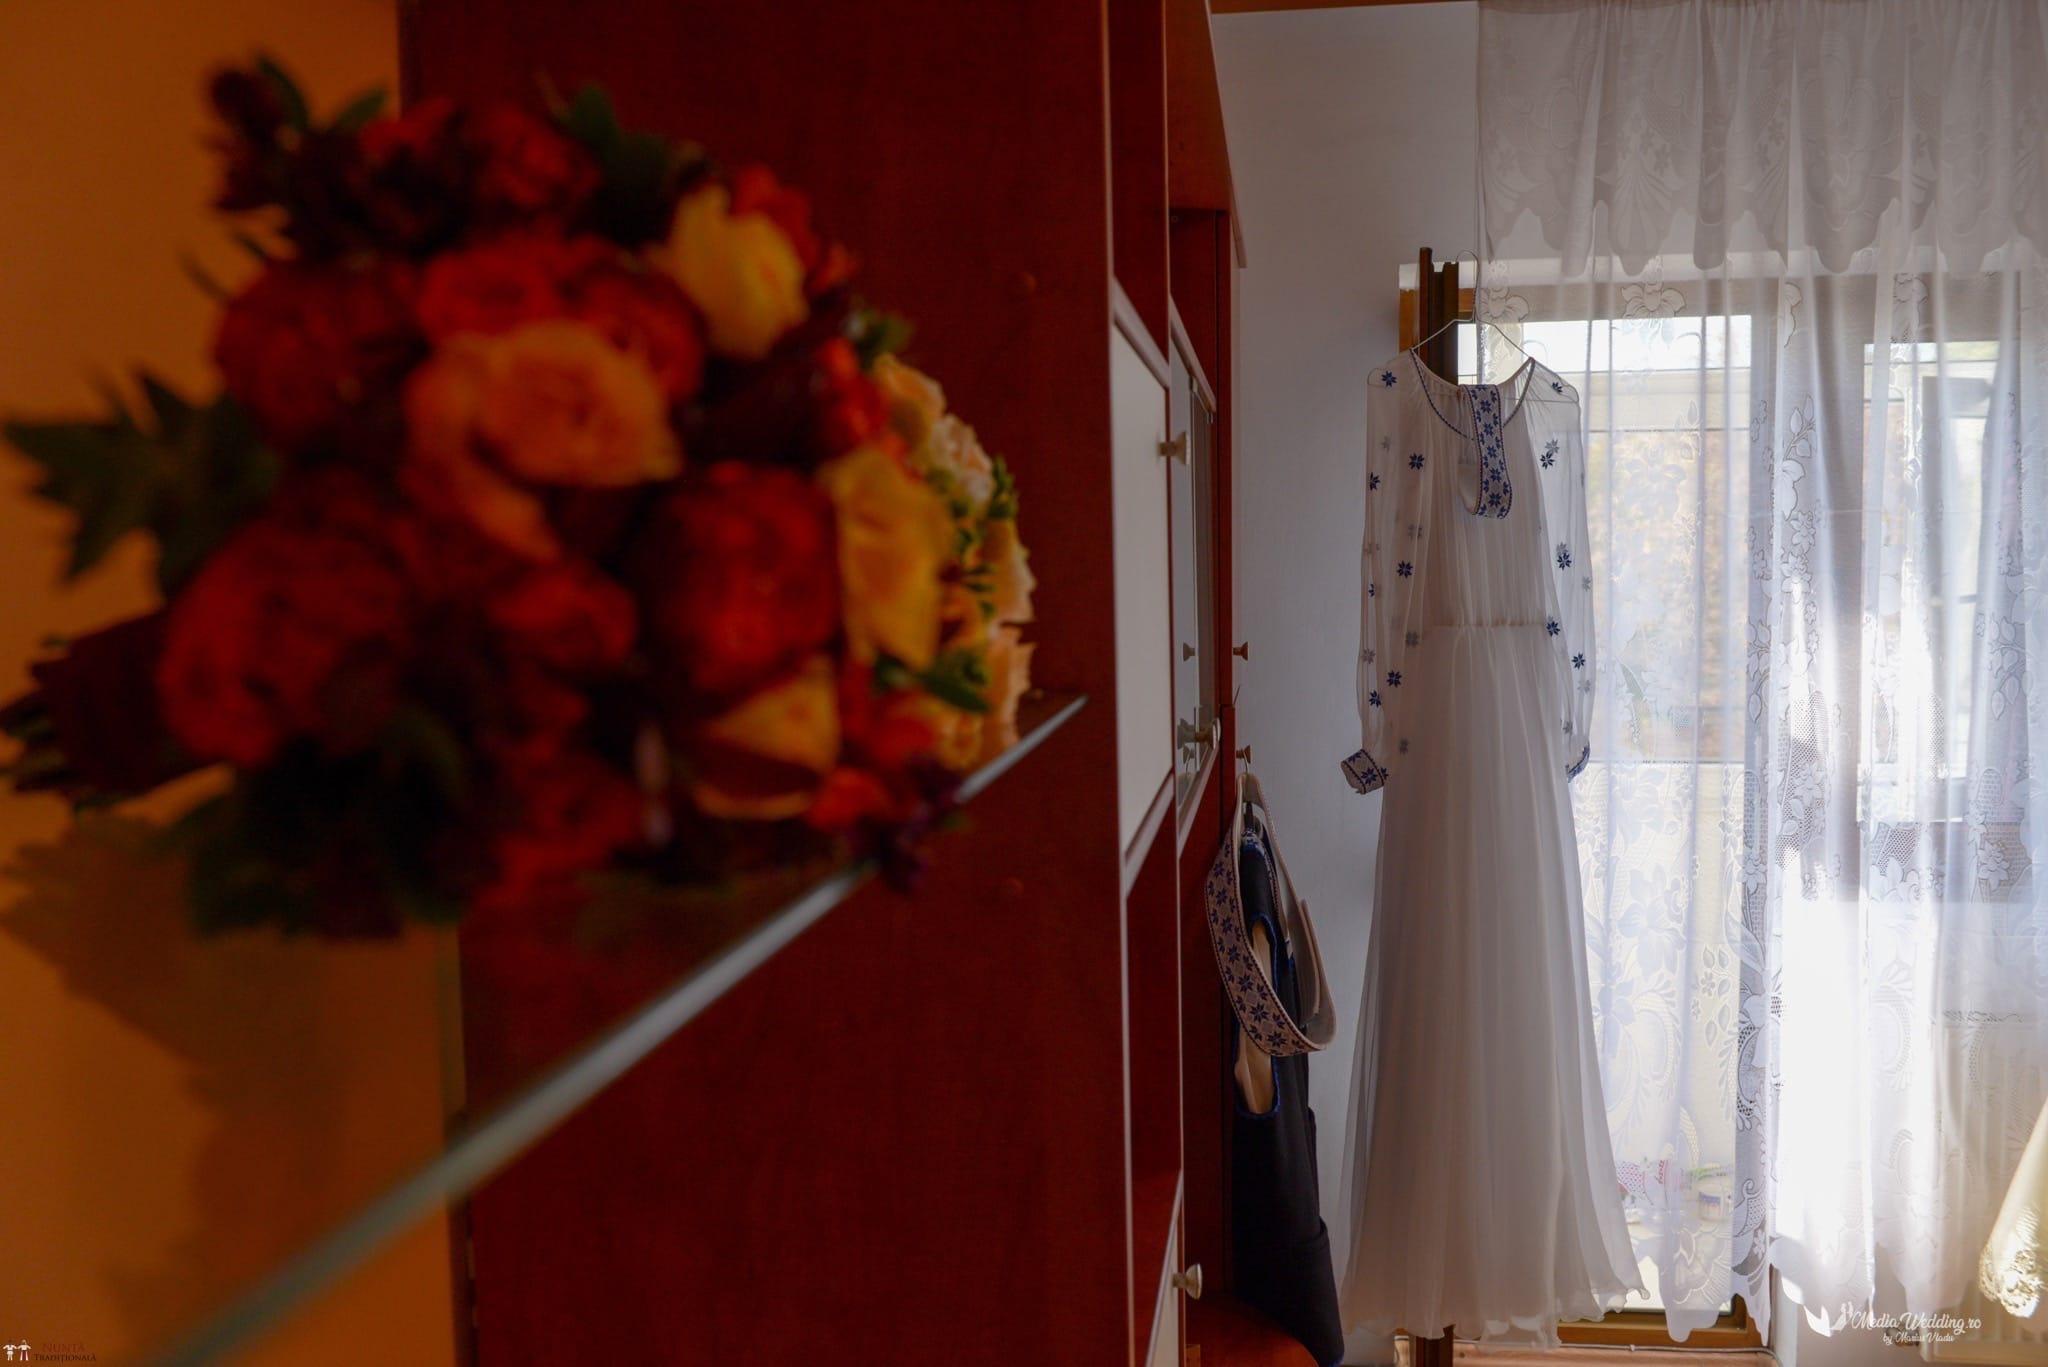 Povești Nunți Tradiționale - Alina-Maria și Ilie, nuntă tradițională în București 1